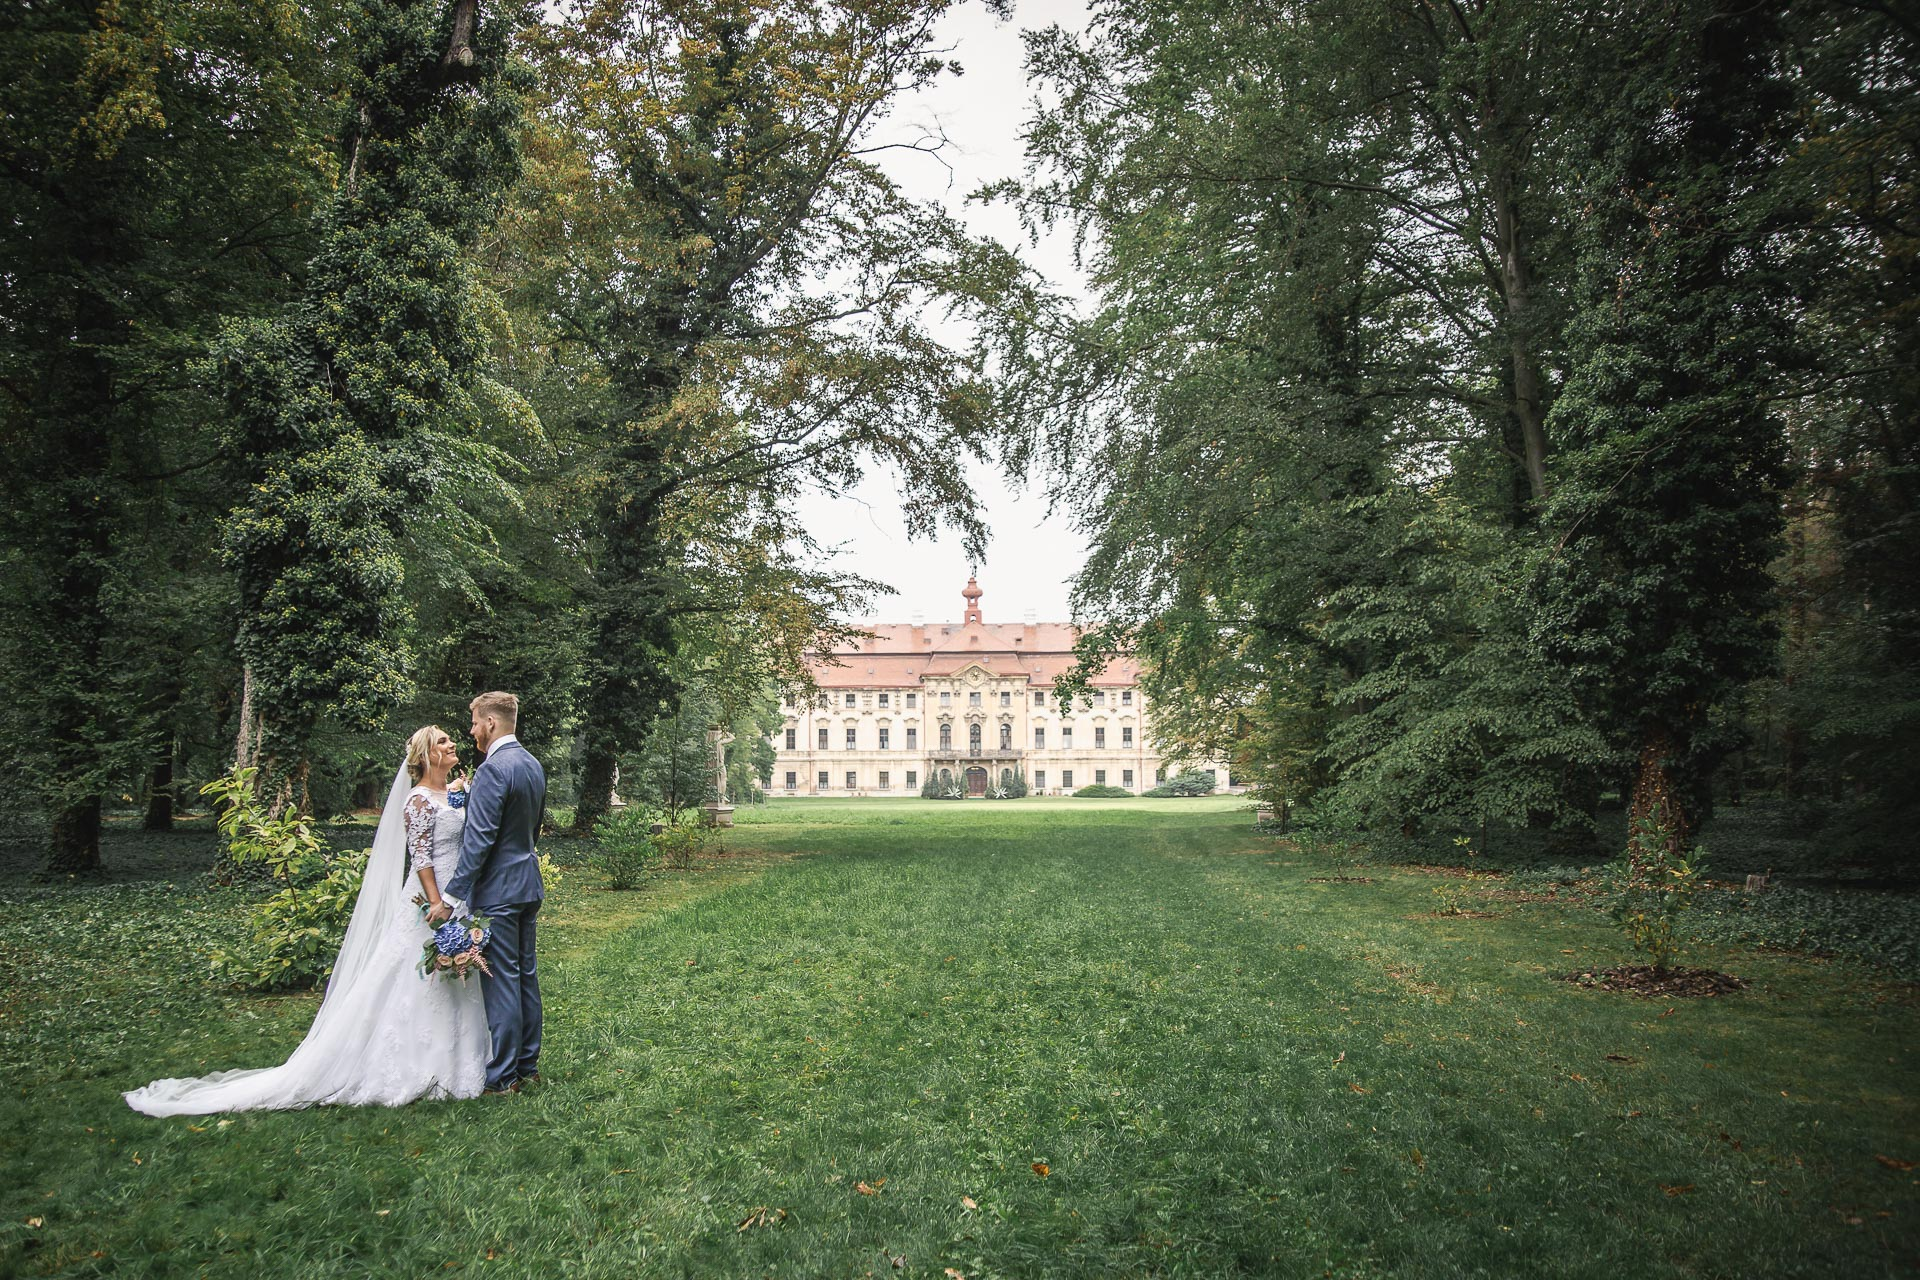 Svatební-fotograf-zámecký-park-Měšice-Svatba-Měšice-u-Prahy-7460